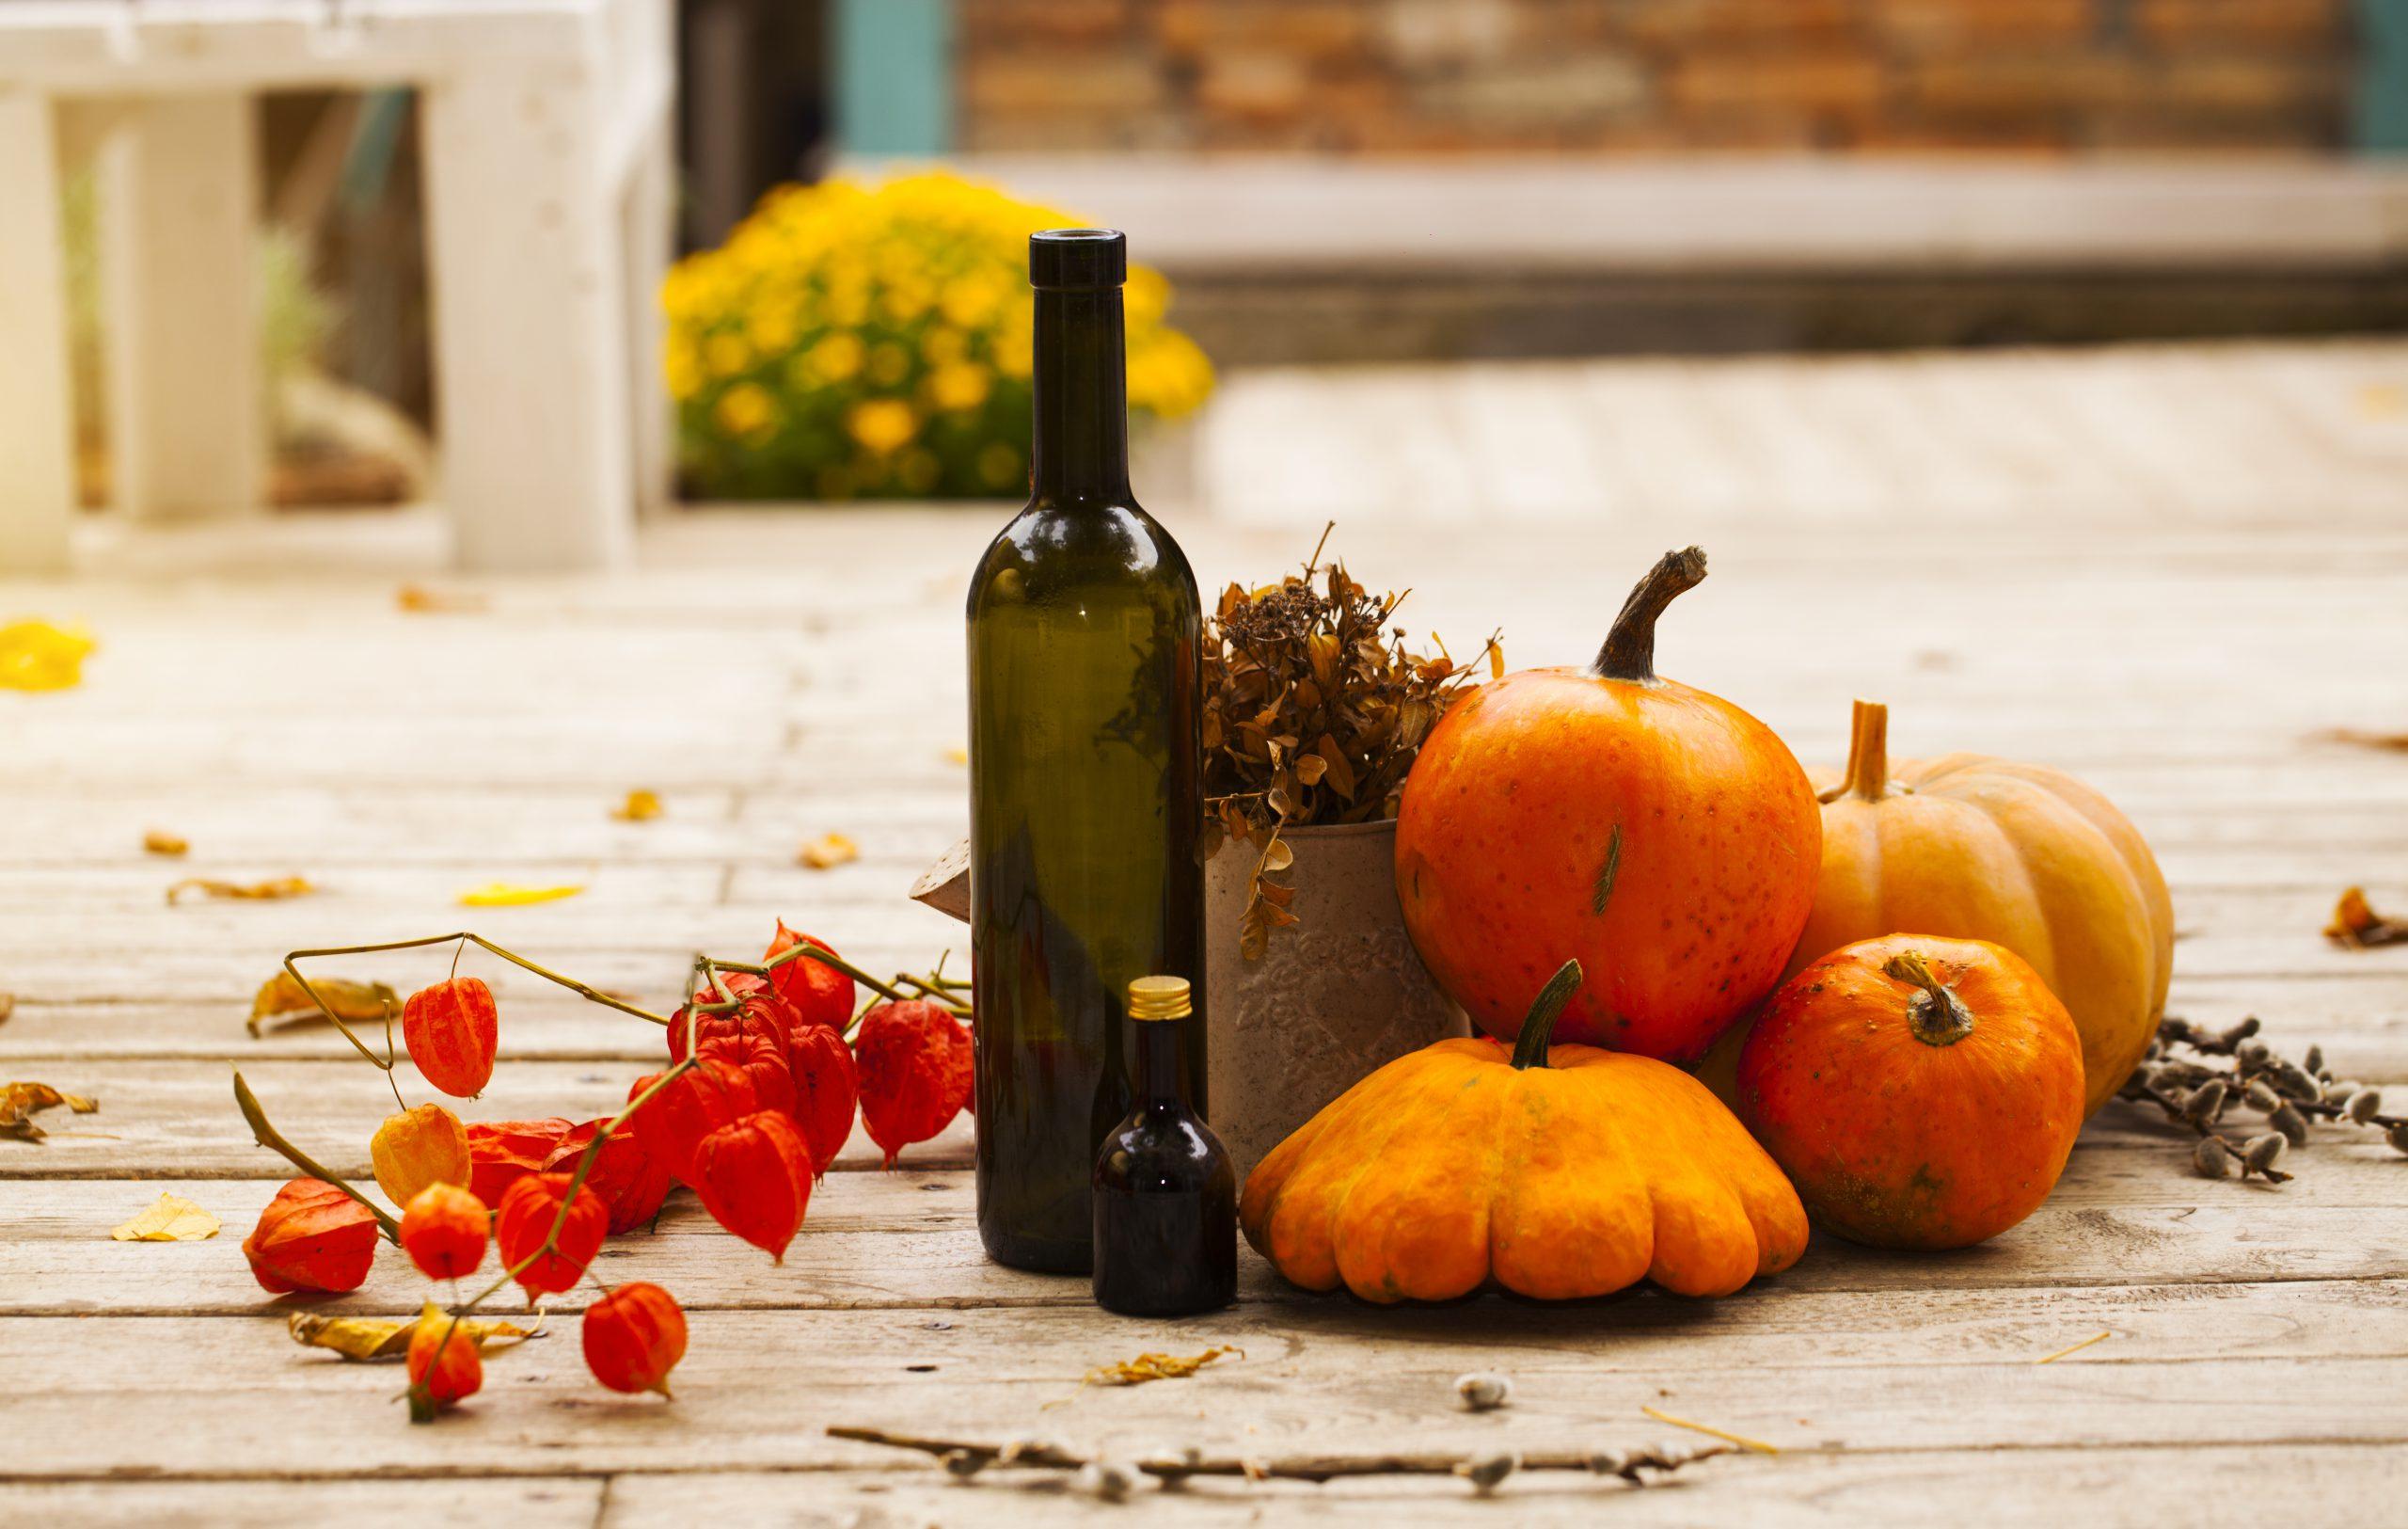 ワインでハロウィンをお祝い!ハロウィンに飲みたいワインを紹介